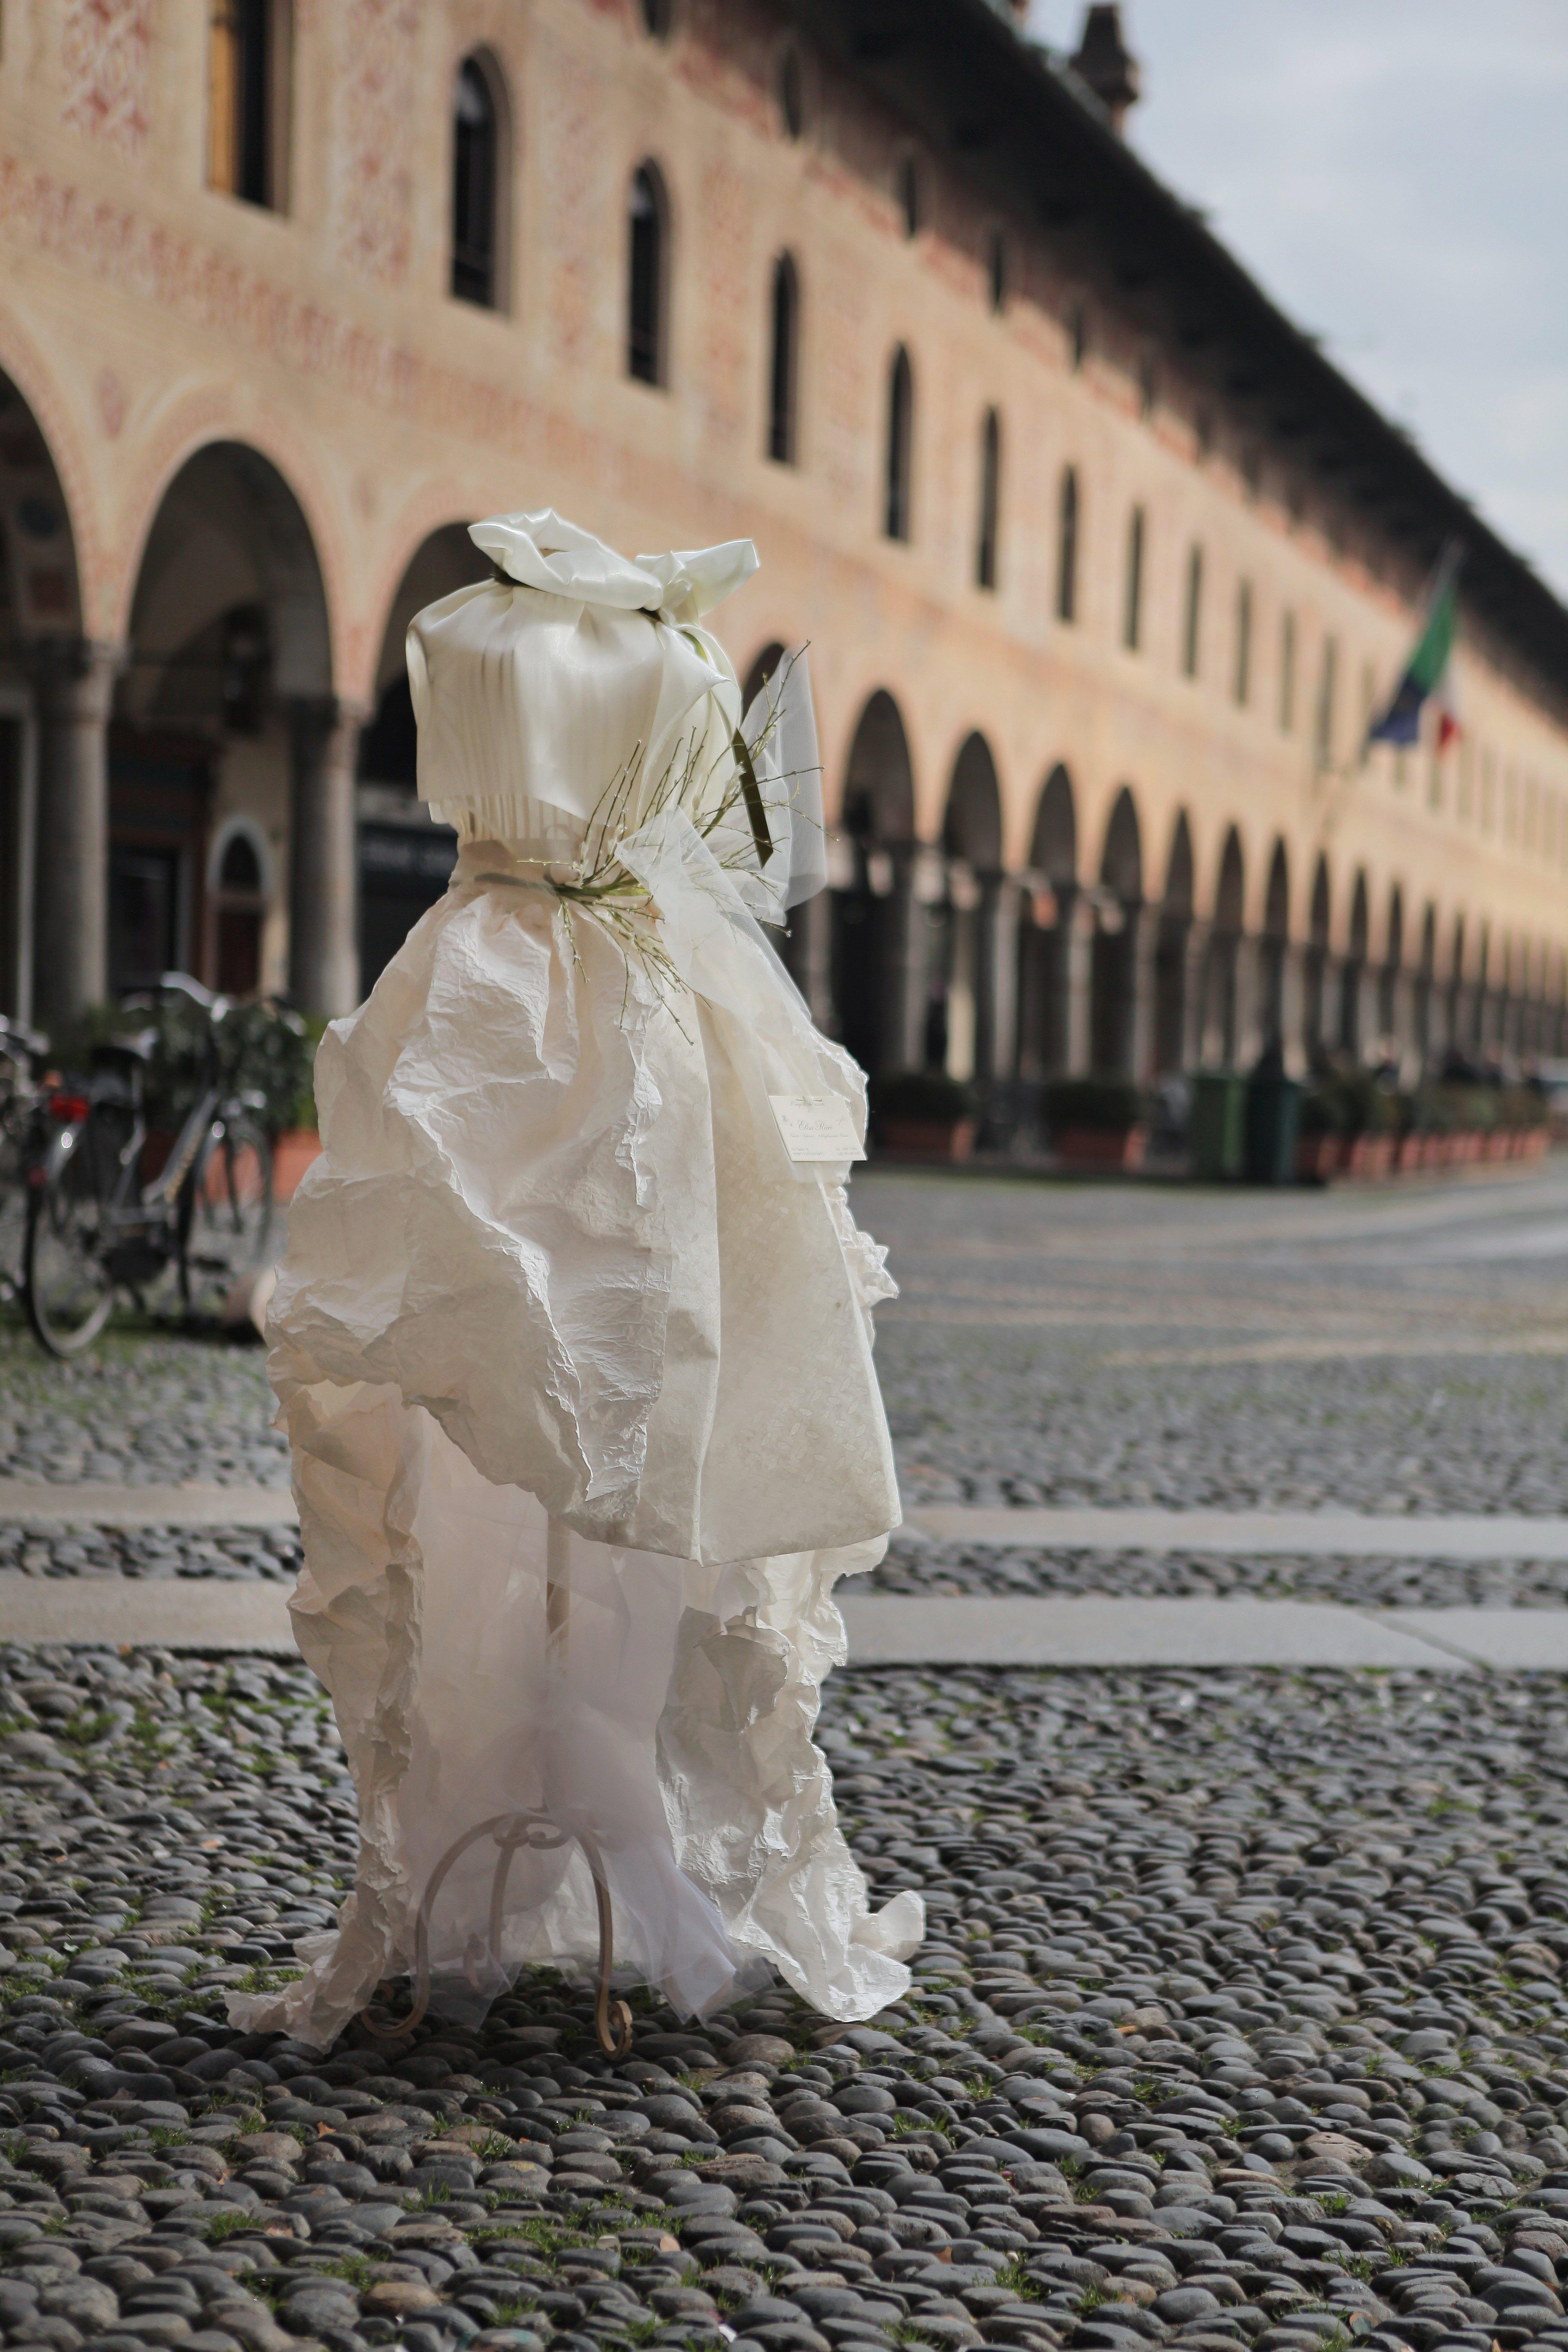 statua fatta di carta in una piazza